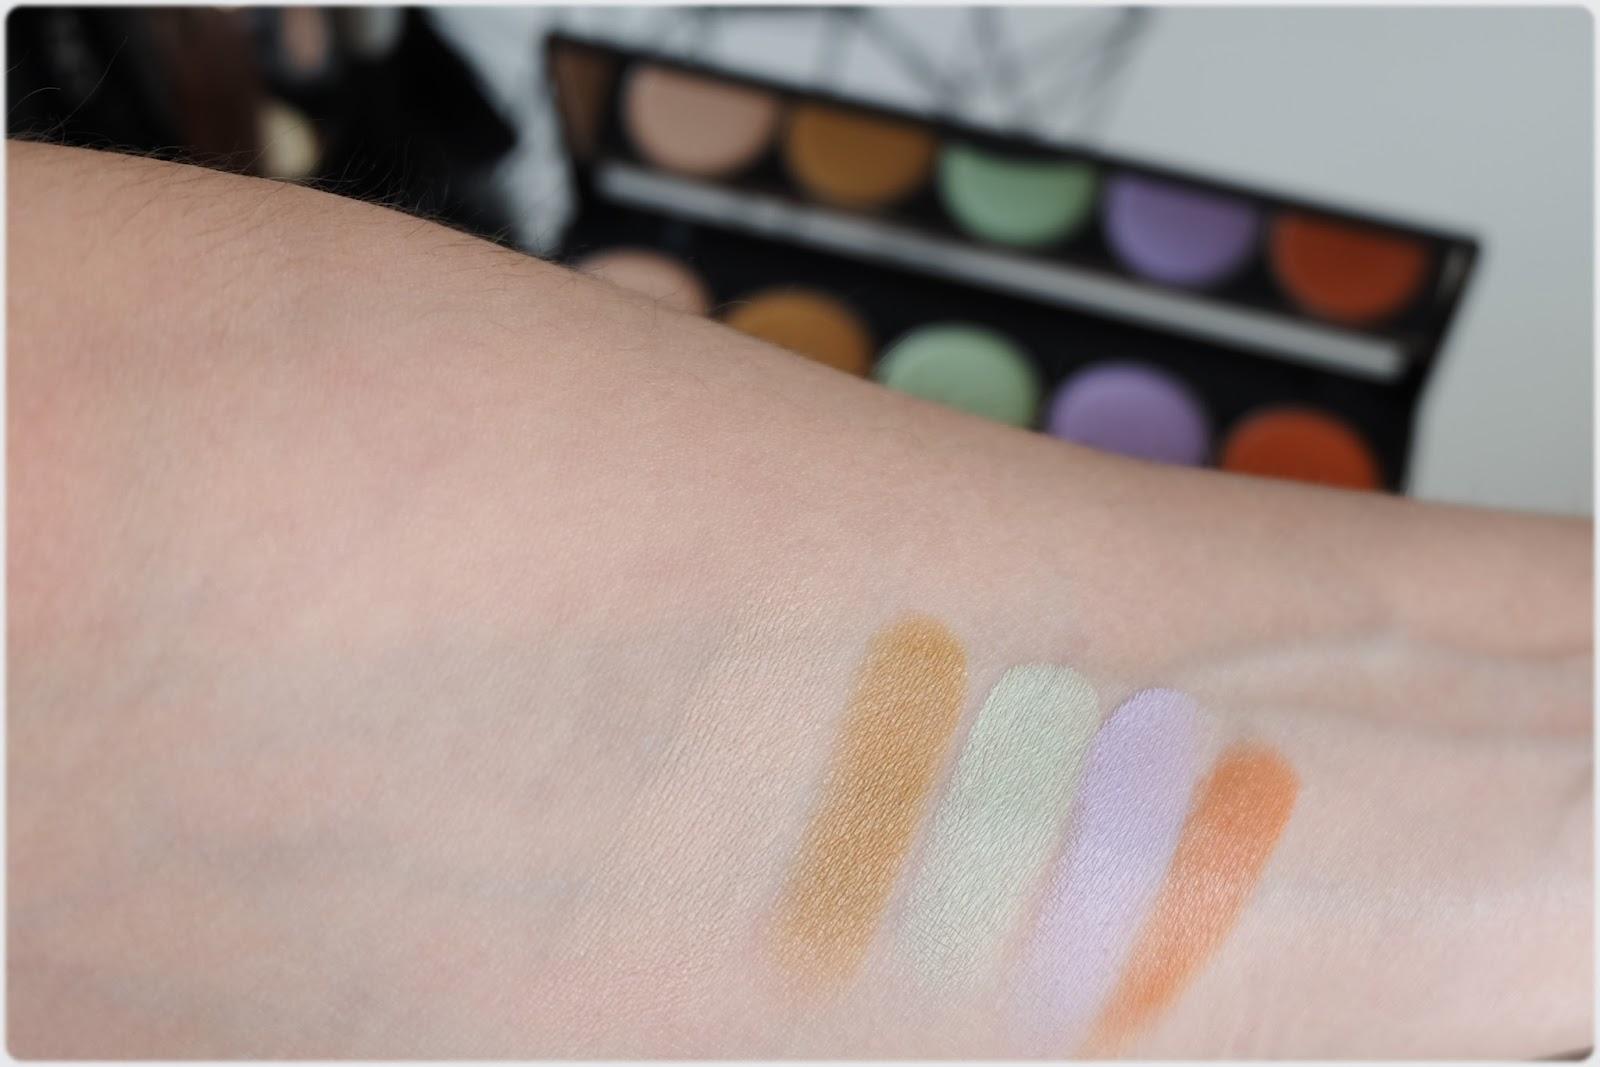 la palette correctrice 5 couleurs pb cosmetics - je veux tout tester